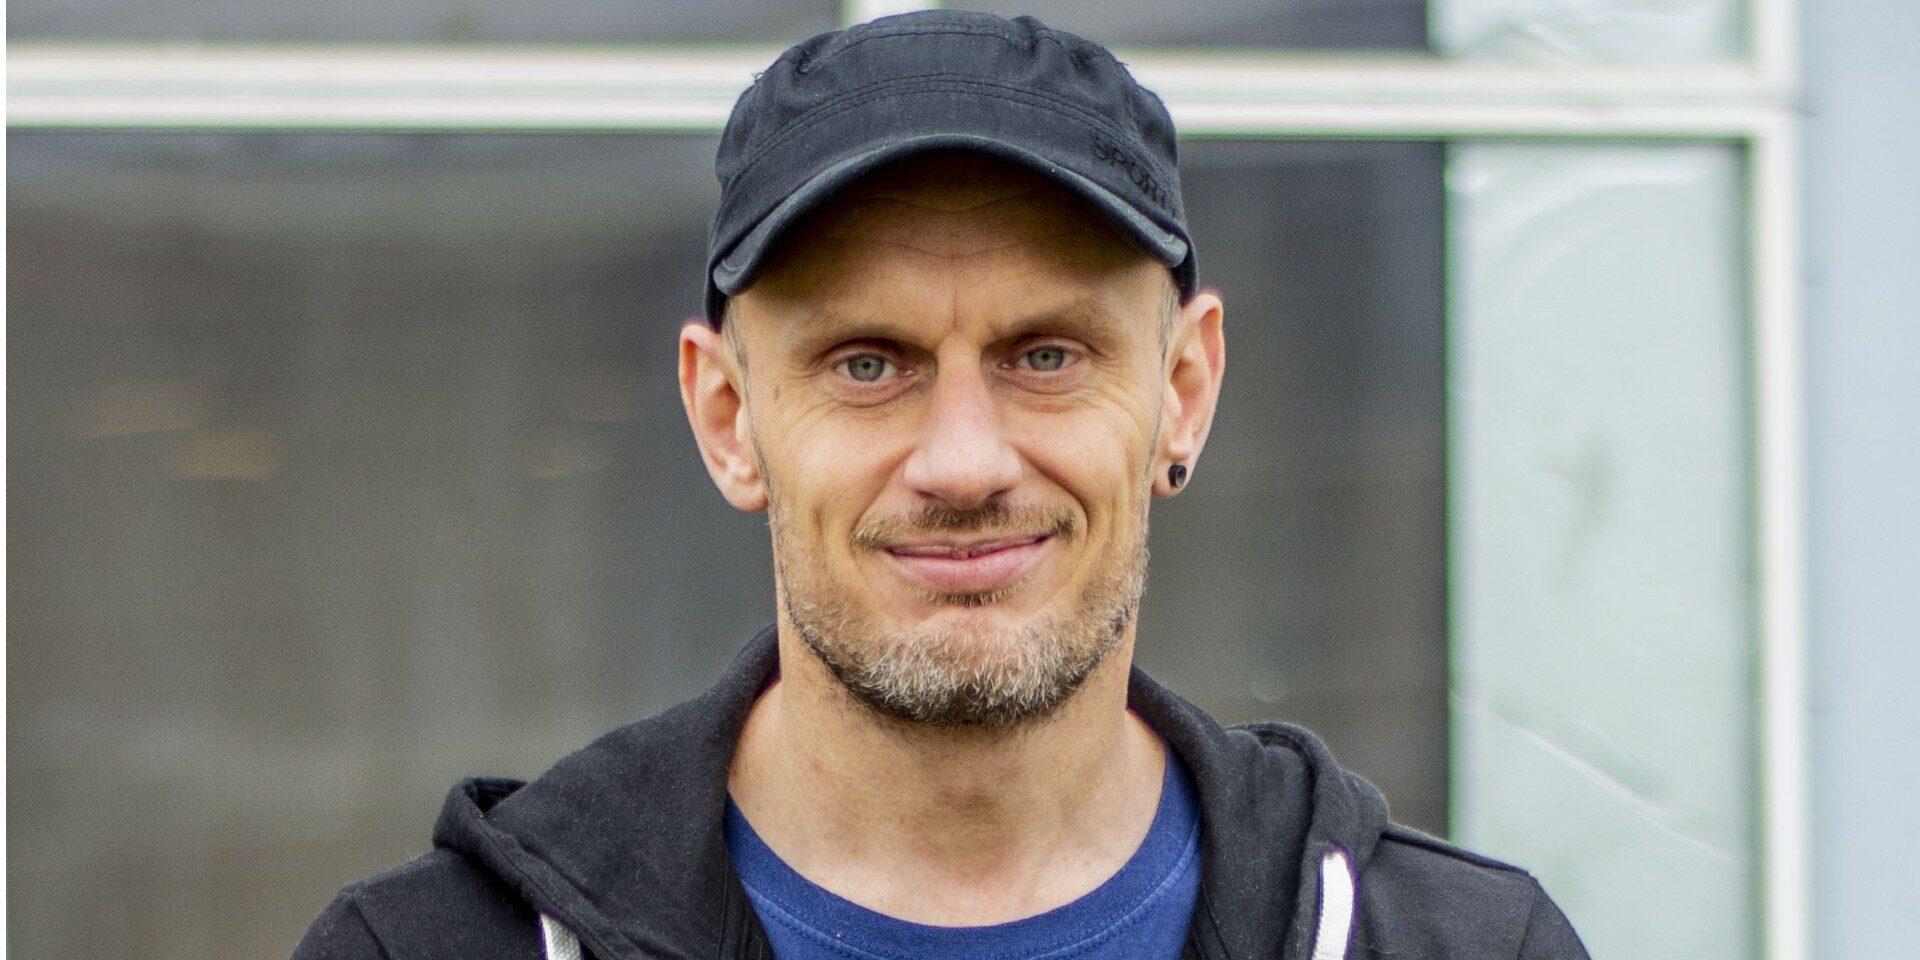 Pieter Koolwijk